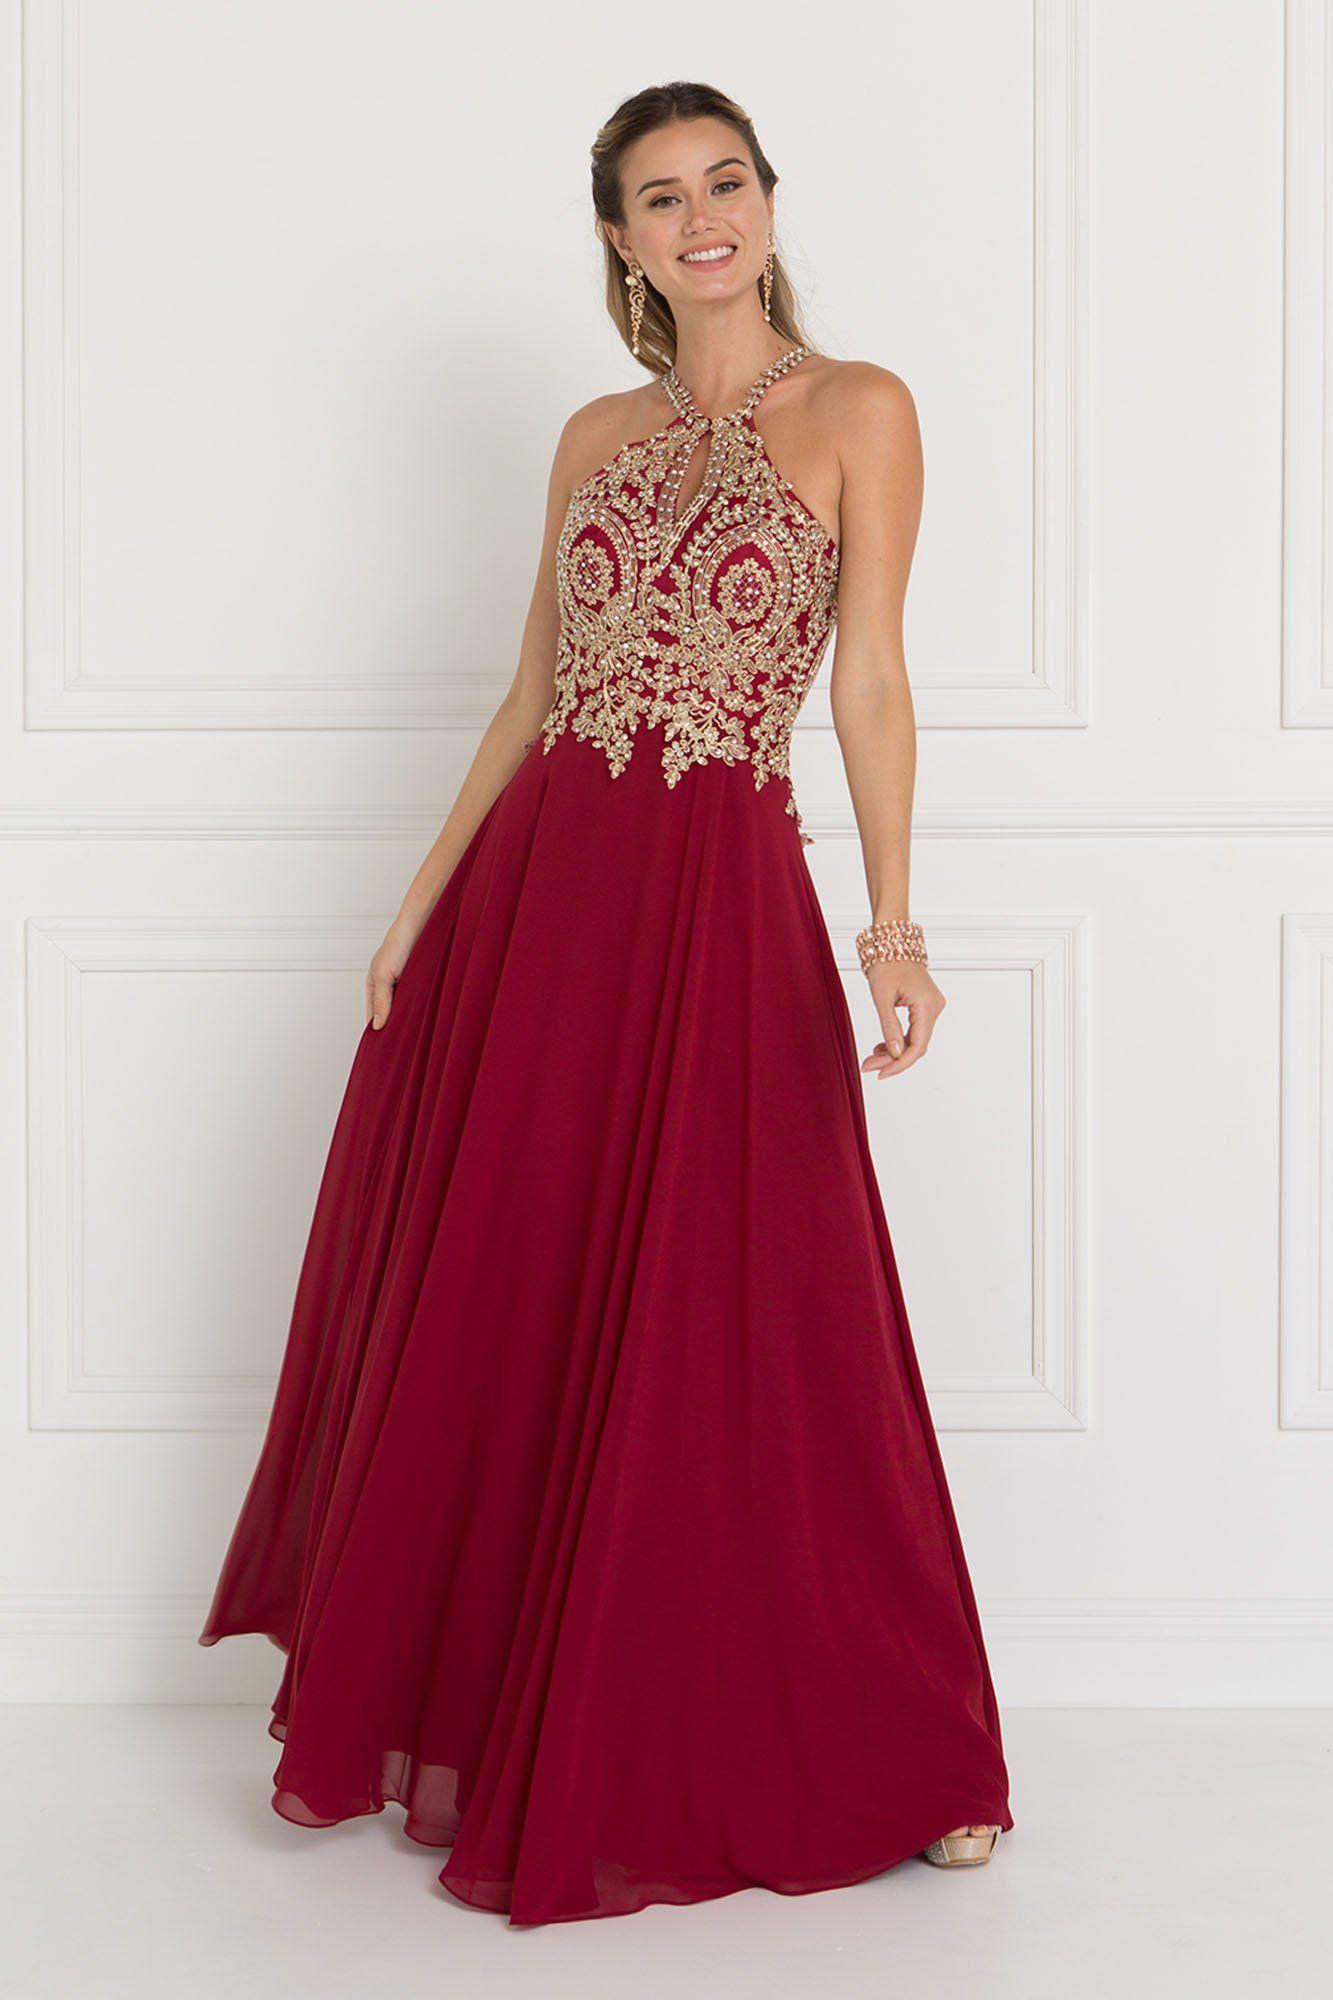 ebb30c6efc9 Burgundy long prom dress GLS 1526 in 2019